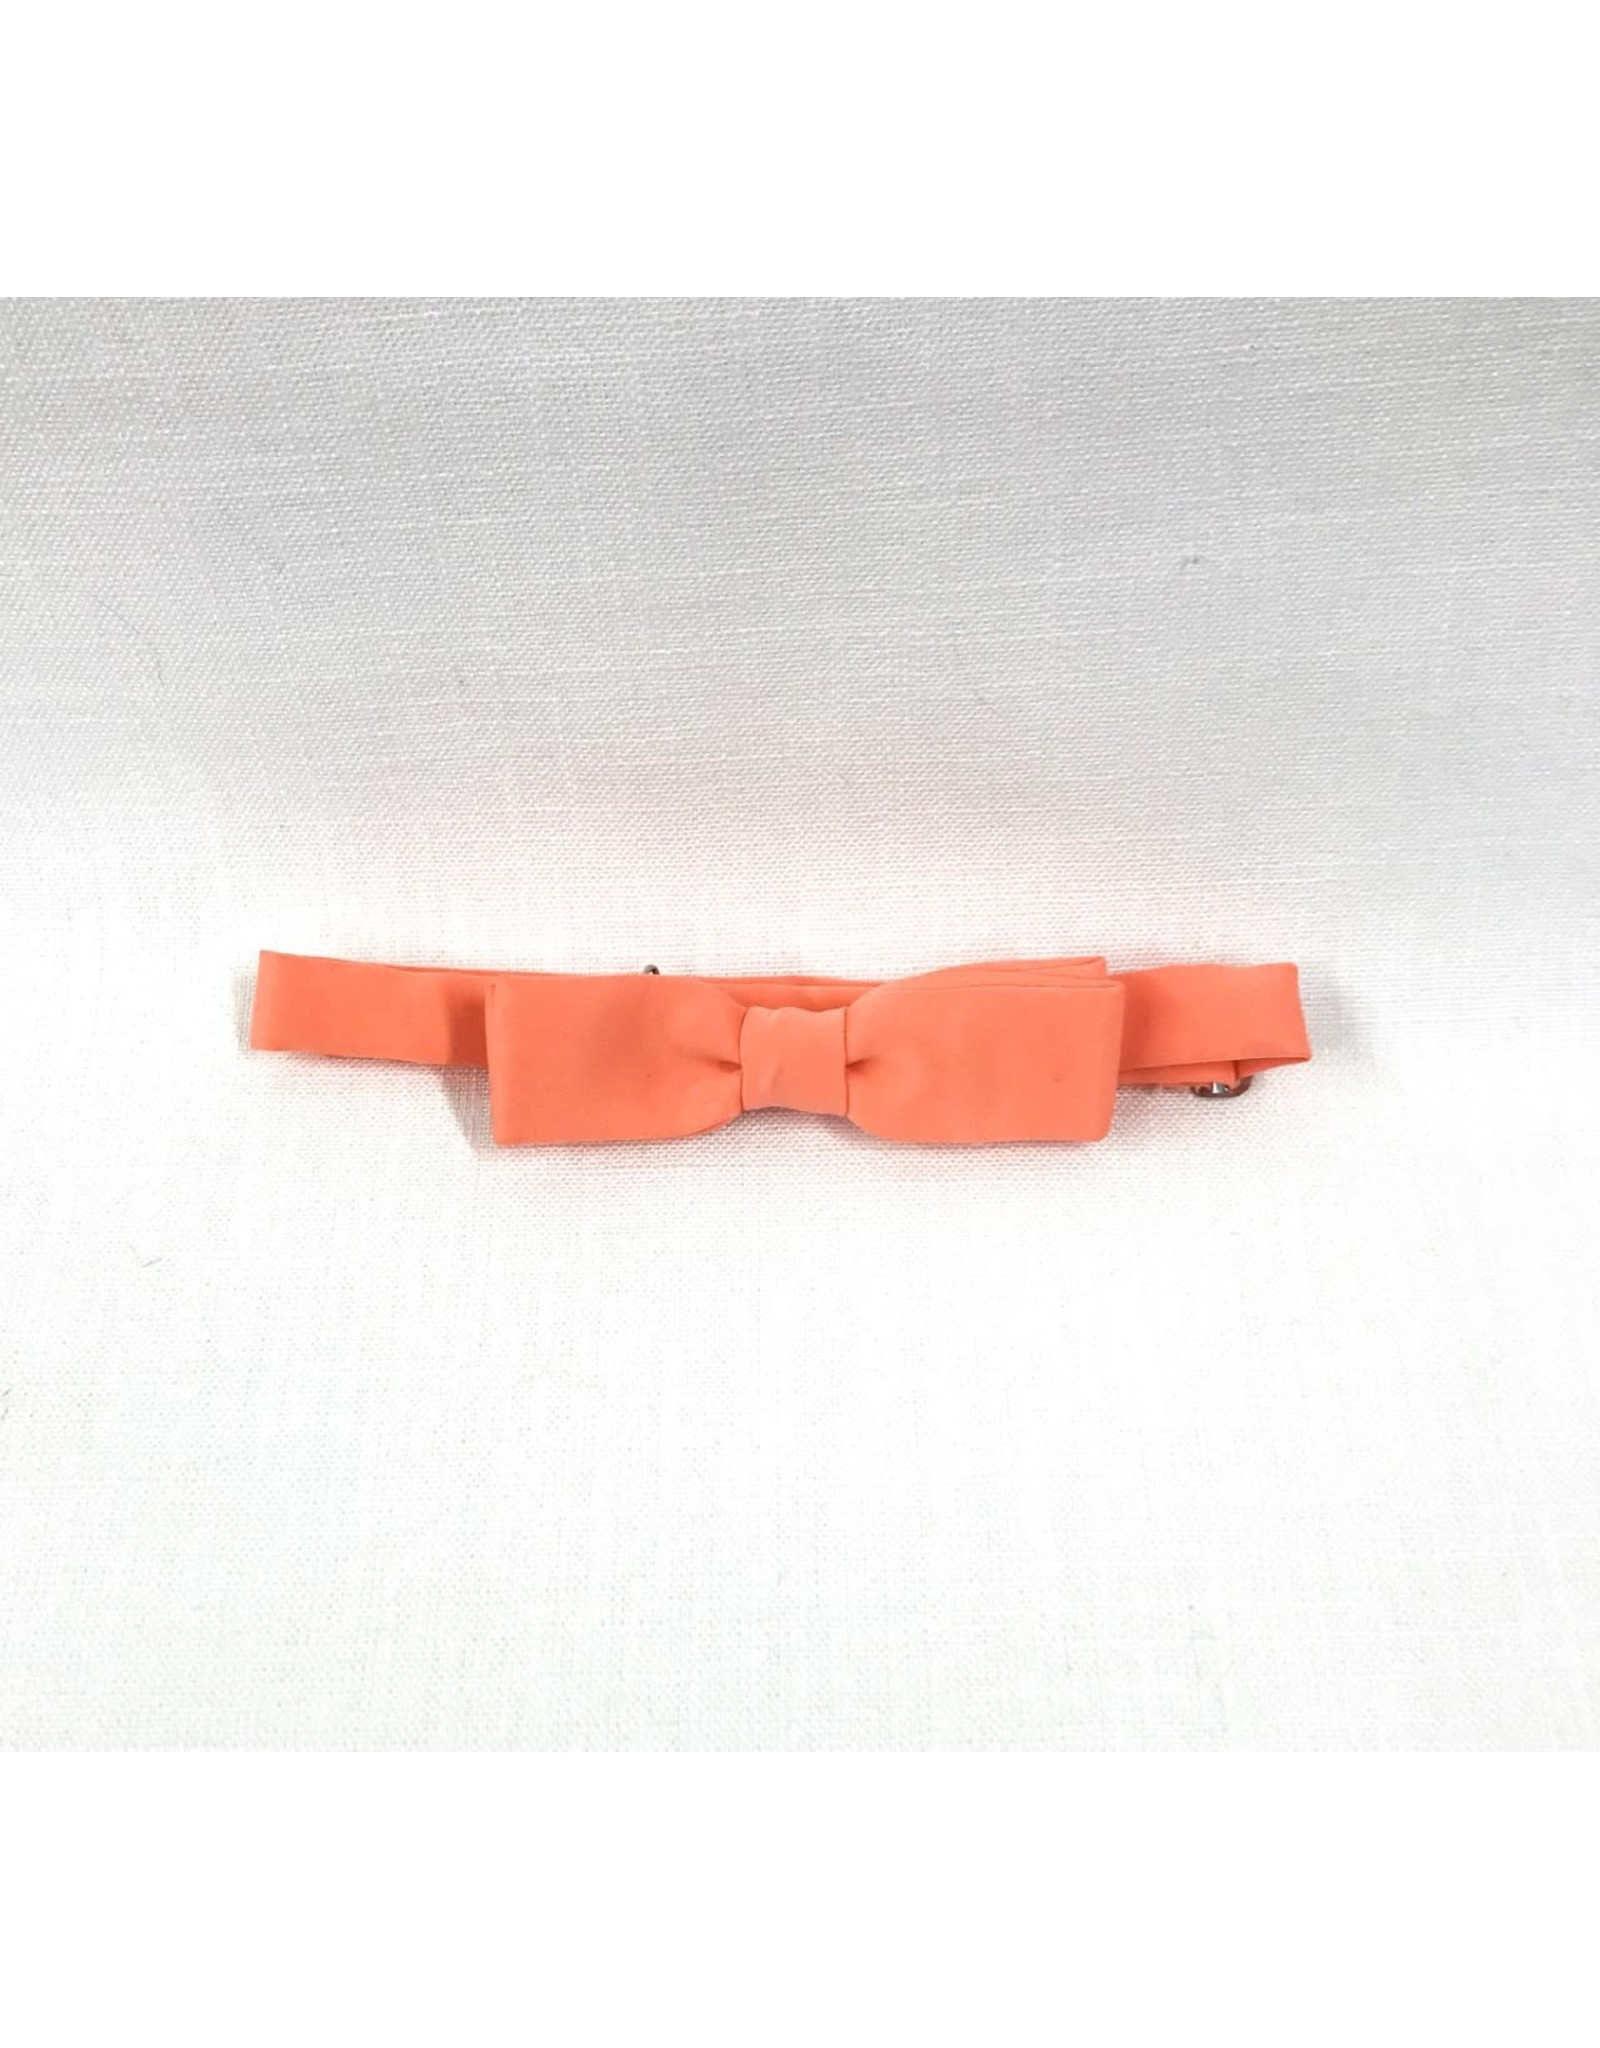 Karries Kostumes Handmade Bow Tie